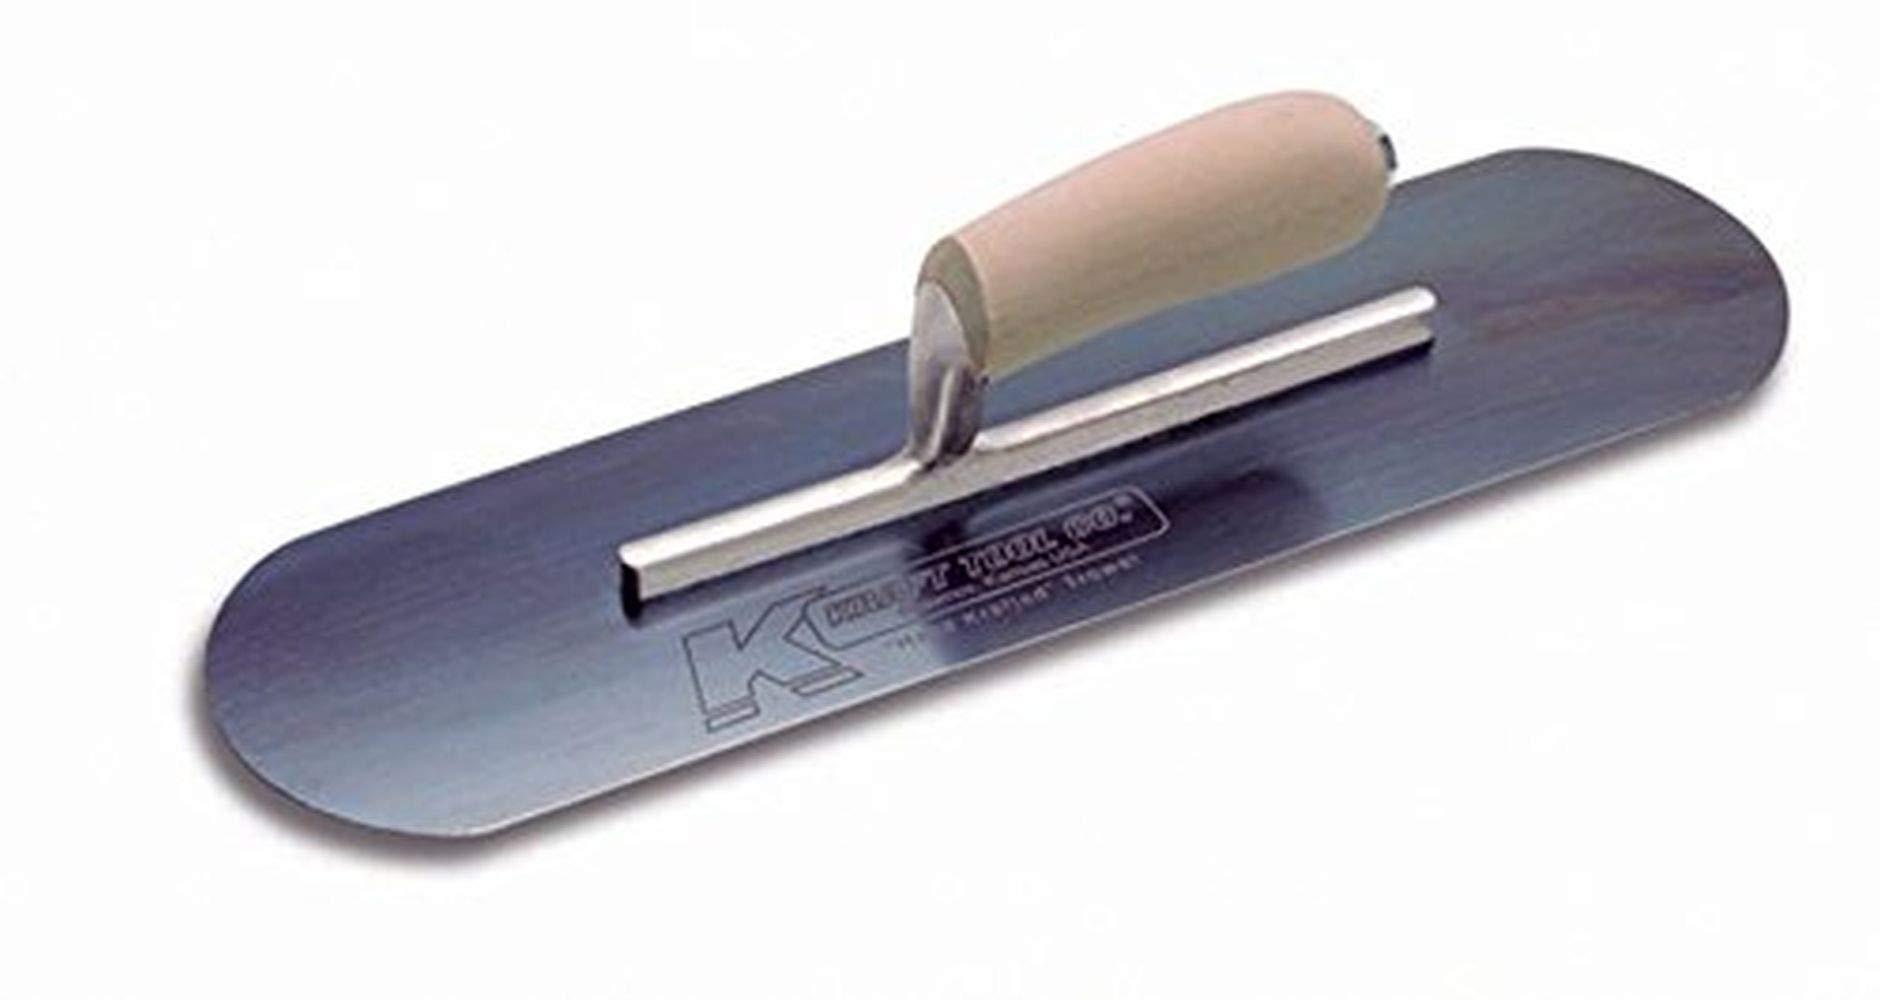 Kraft Tool CFE295B Elite Series Five Star Blue Steel Pool Trowel with Wood Handle, 20 x 5-Inch by Kraft Tool